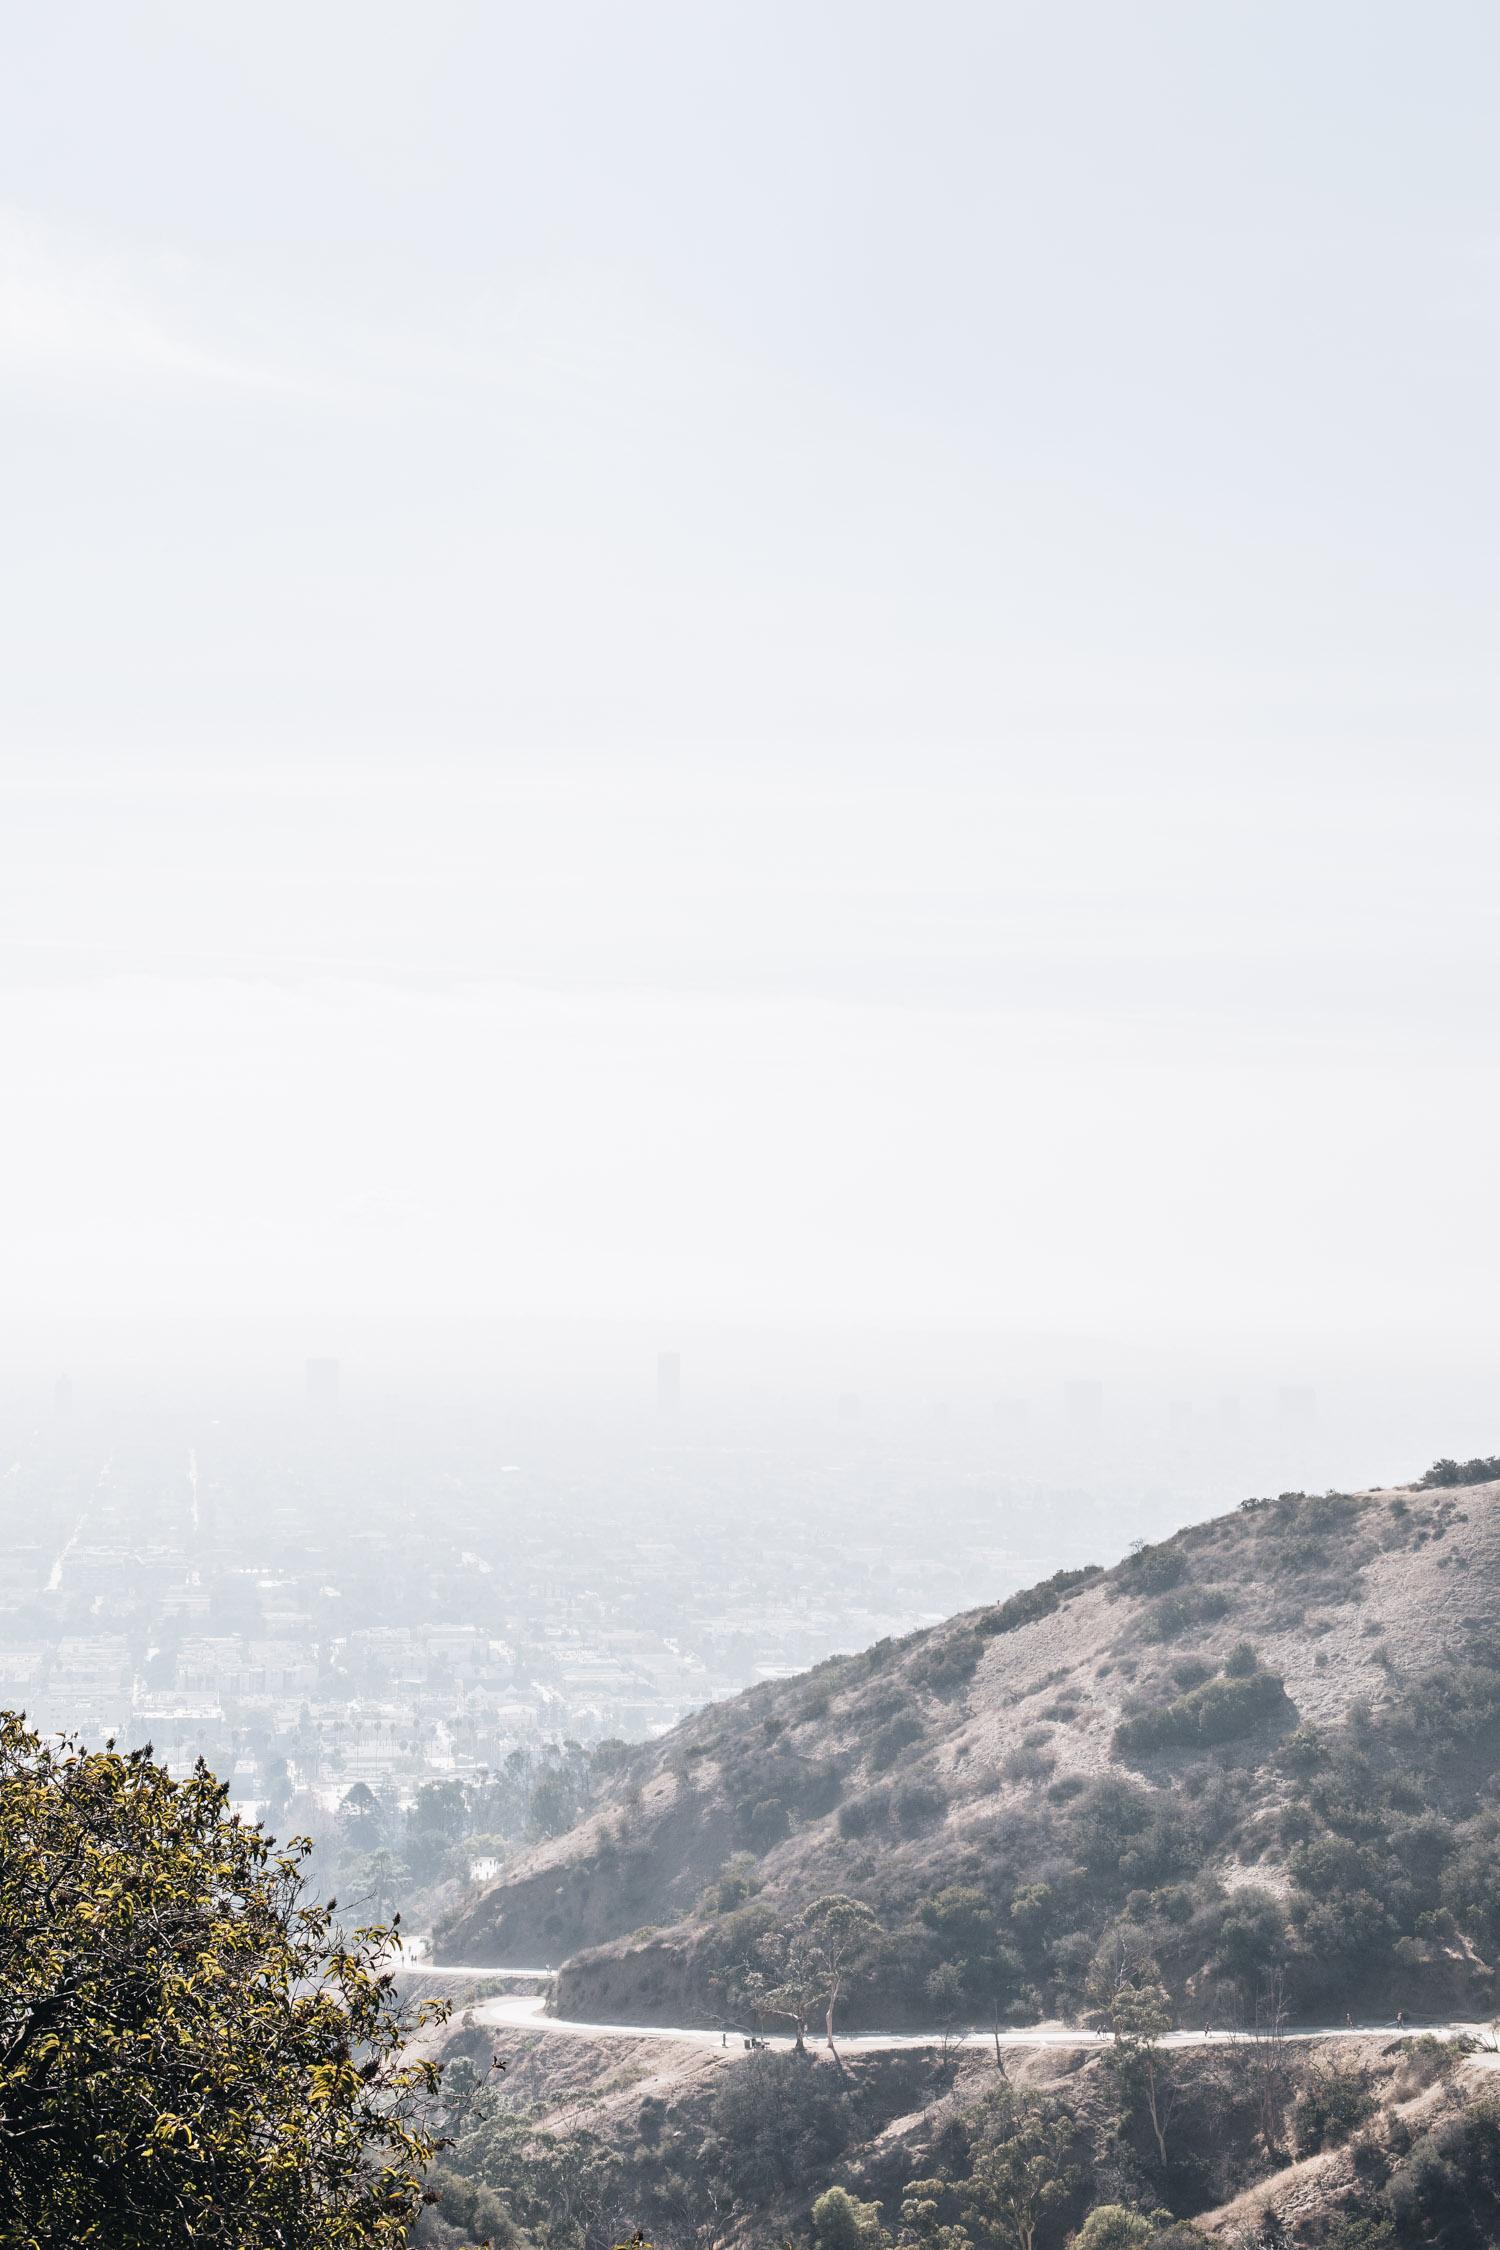 Hiking in L.A